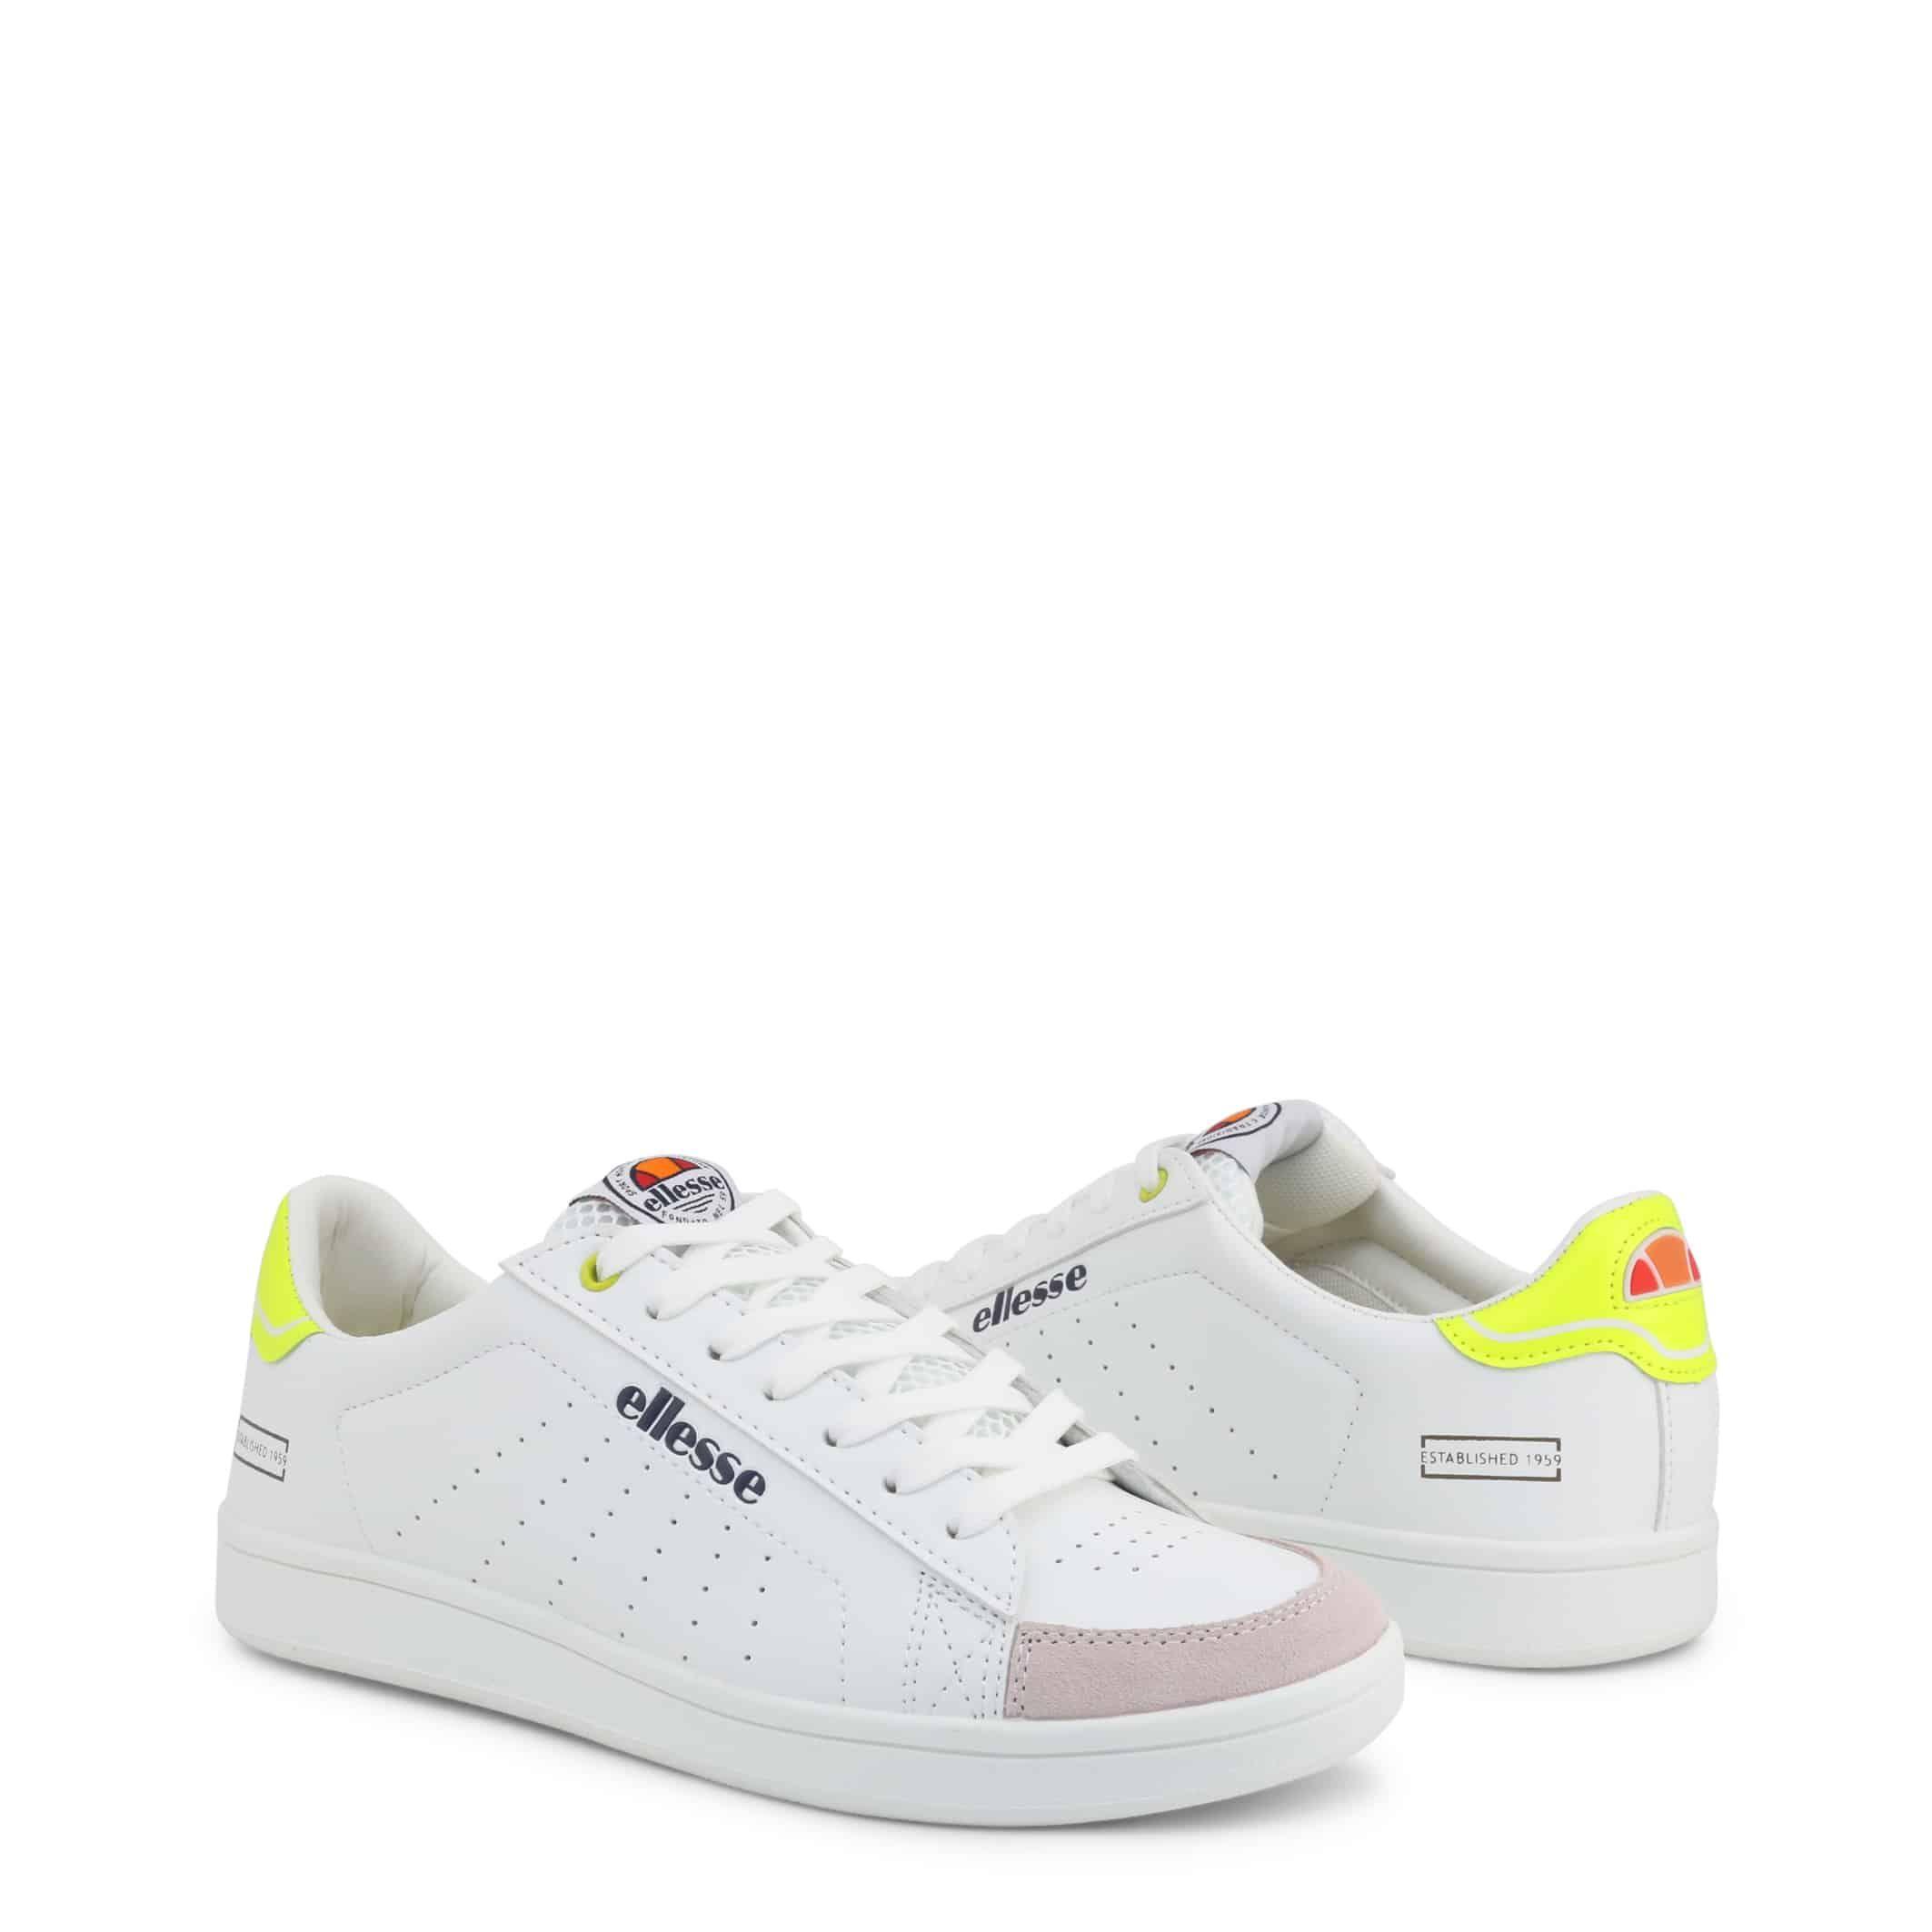 Ellesse Sneakers Herr